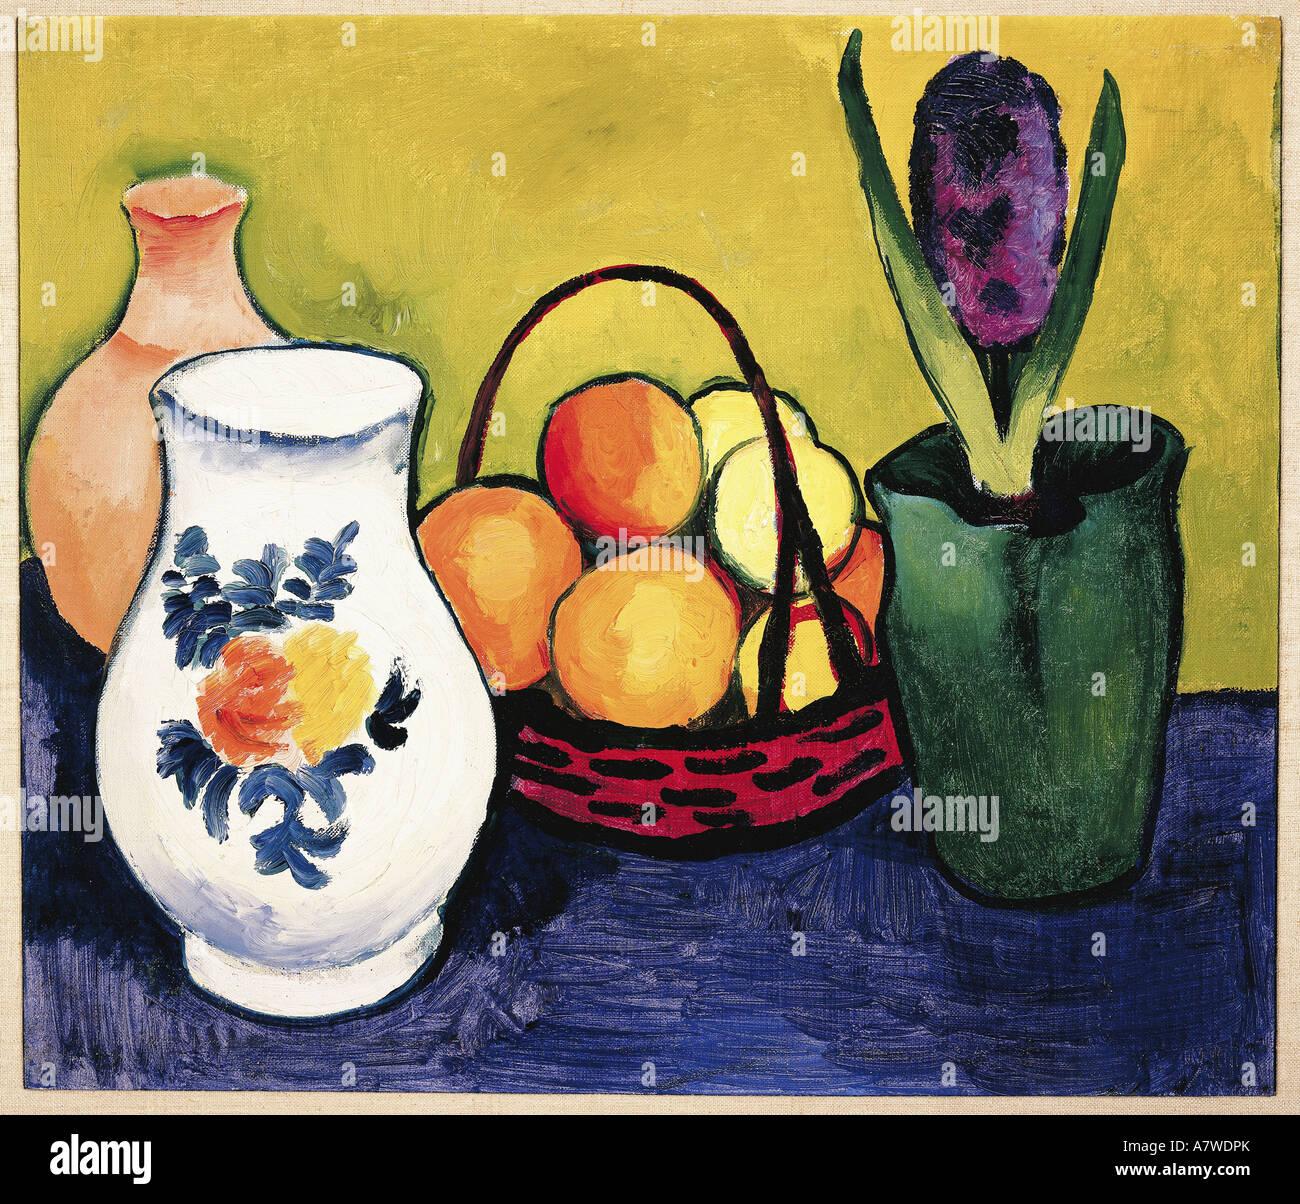 'fine arts, Macke, August (1887 - 1914), 'Weisser Krug mit Blumen und Früchten', painting, Tegernsee, - Stock Image